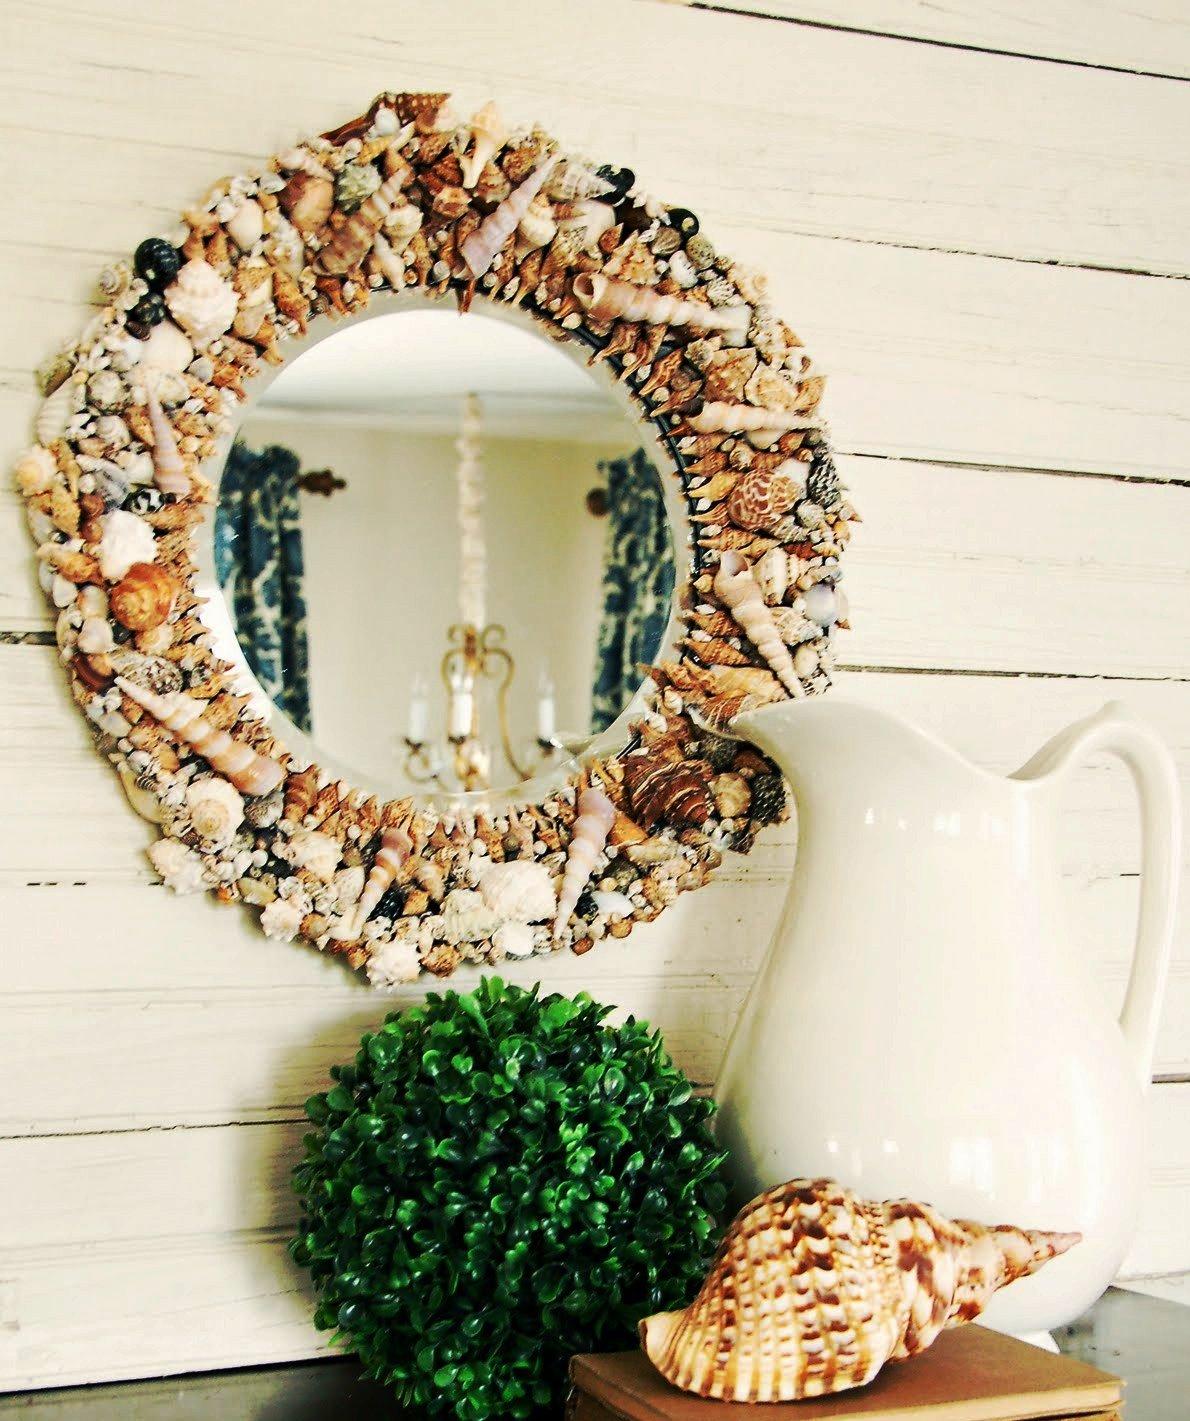 зеркало в интерьере в стиле пованс